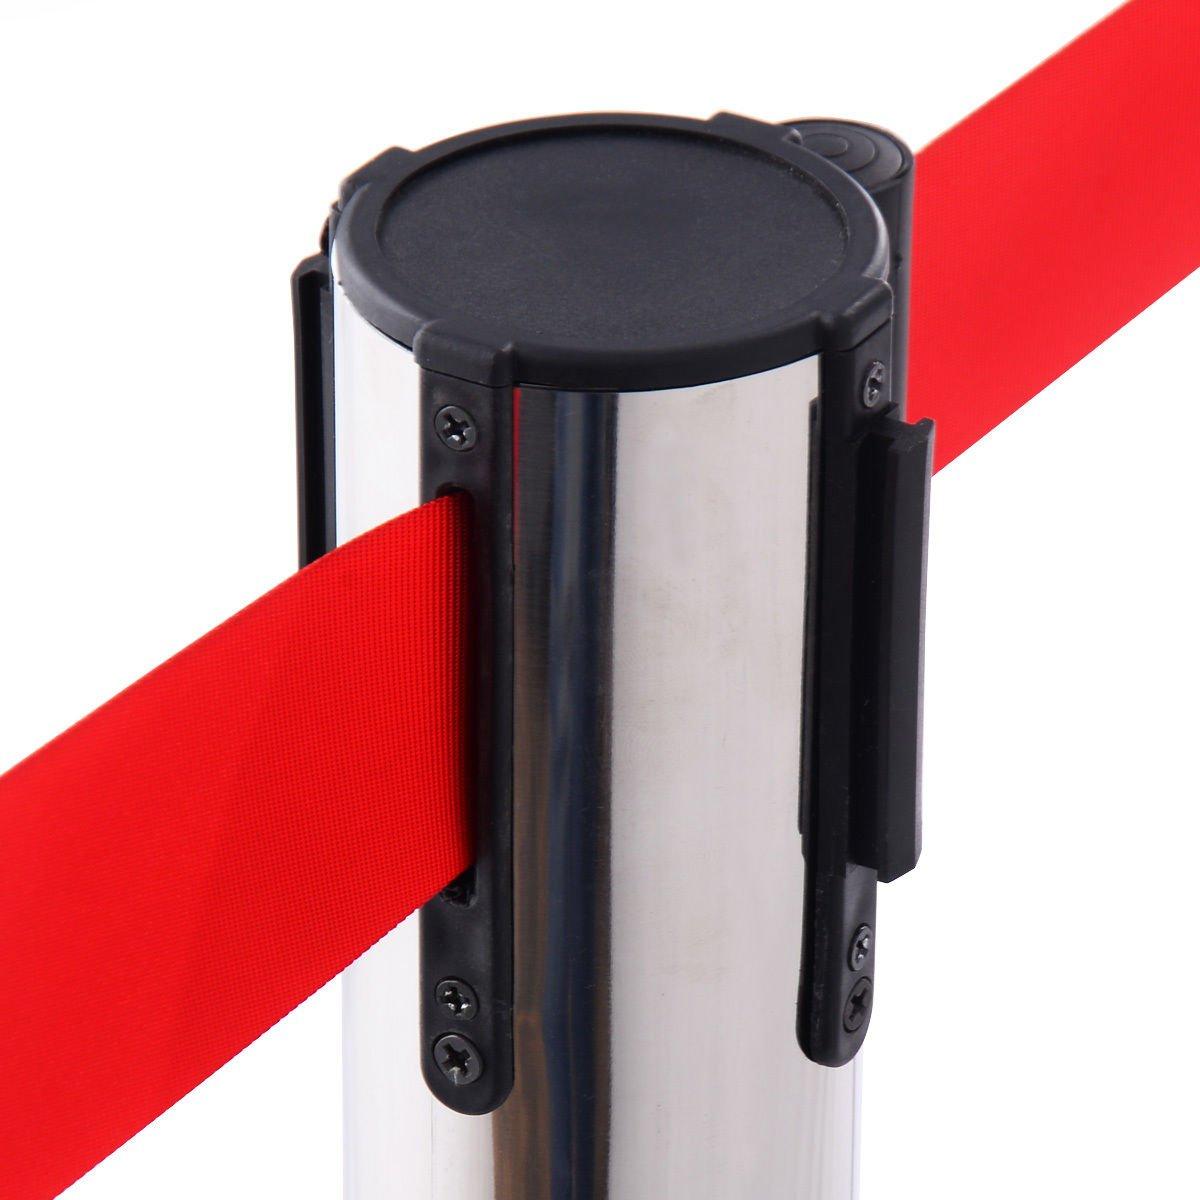 6 Pcs. Belt Retractable Crowd Control Stanchion Barrier Posts Queue Pole, Red by Alek...Shop (Image #9)